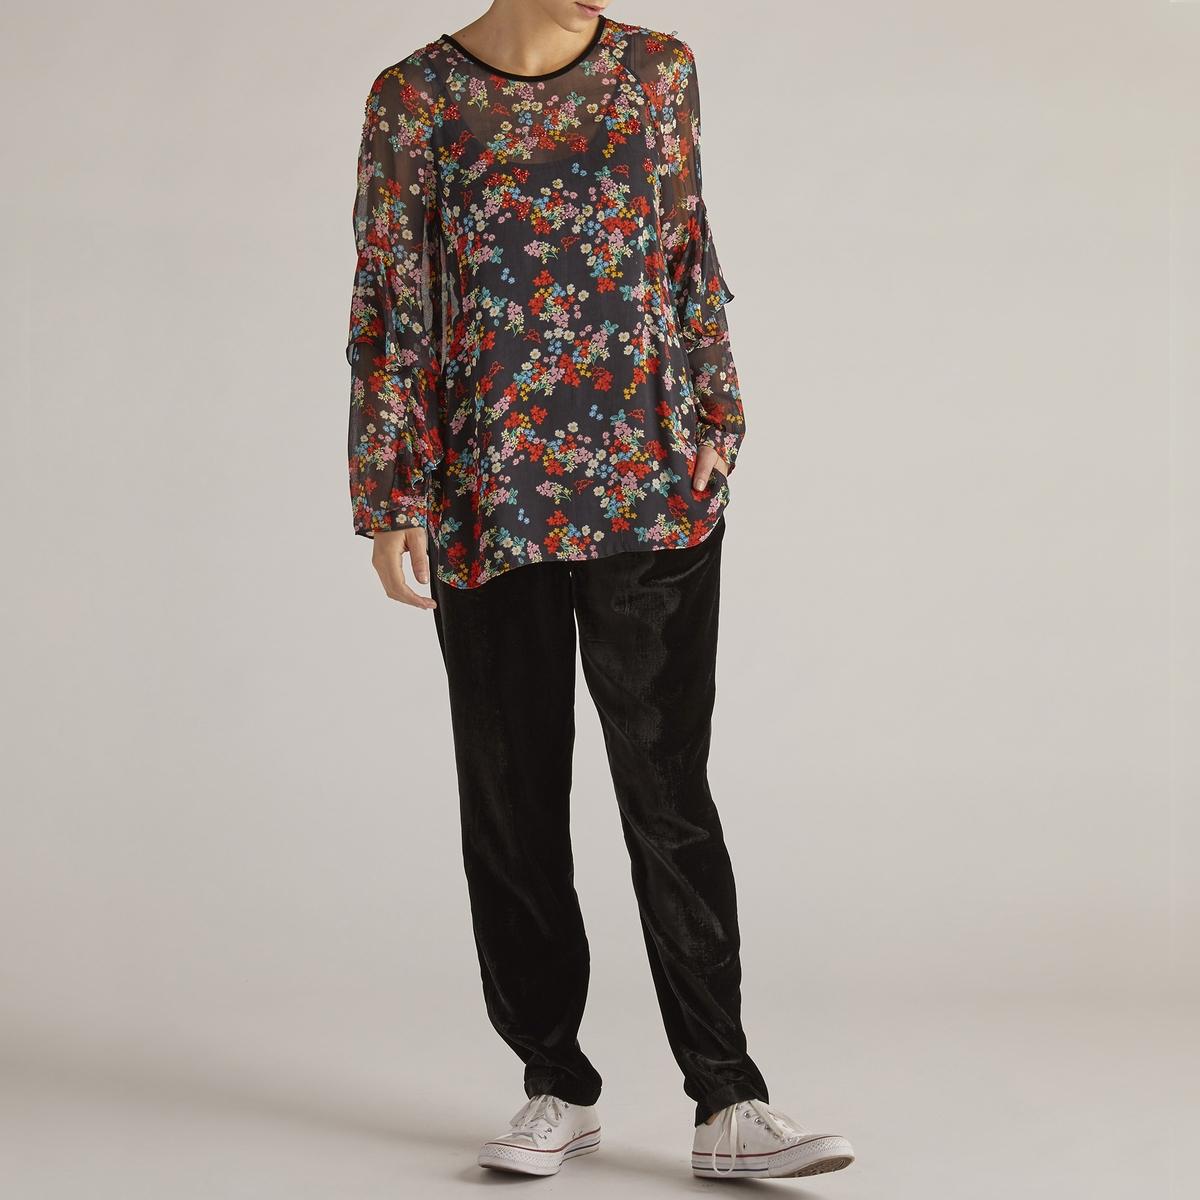 Блузка La Redoute С круглым вырезом цветочным рисунком и длинными рукавами M черный цена